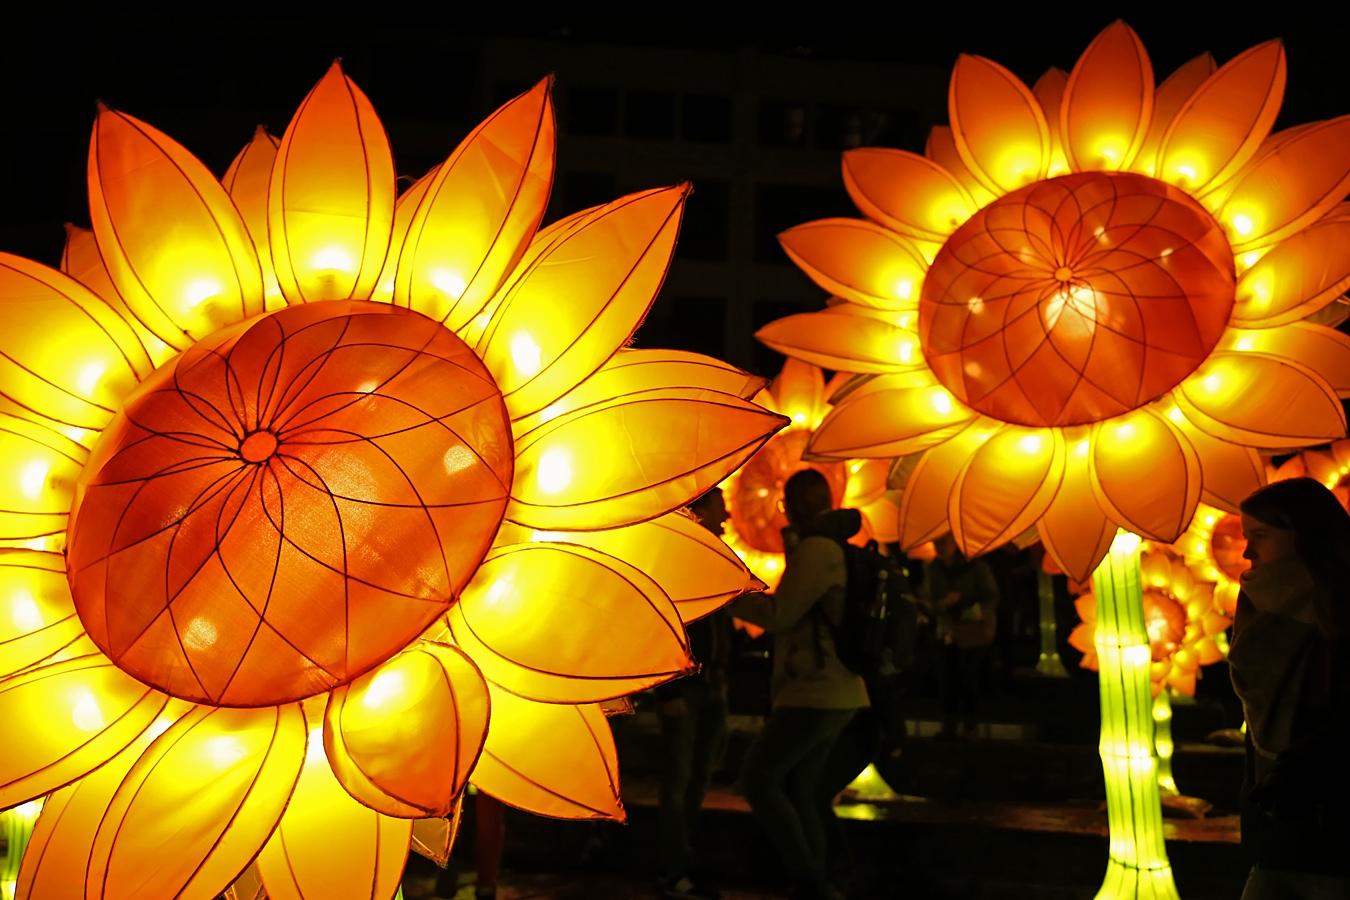 Lichtplein - Zonnebloemen voor van Gogh